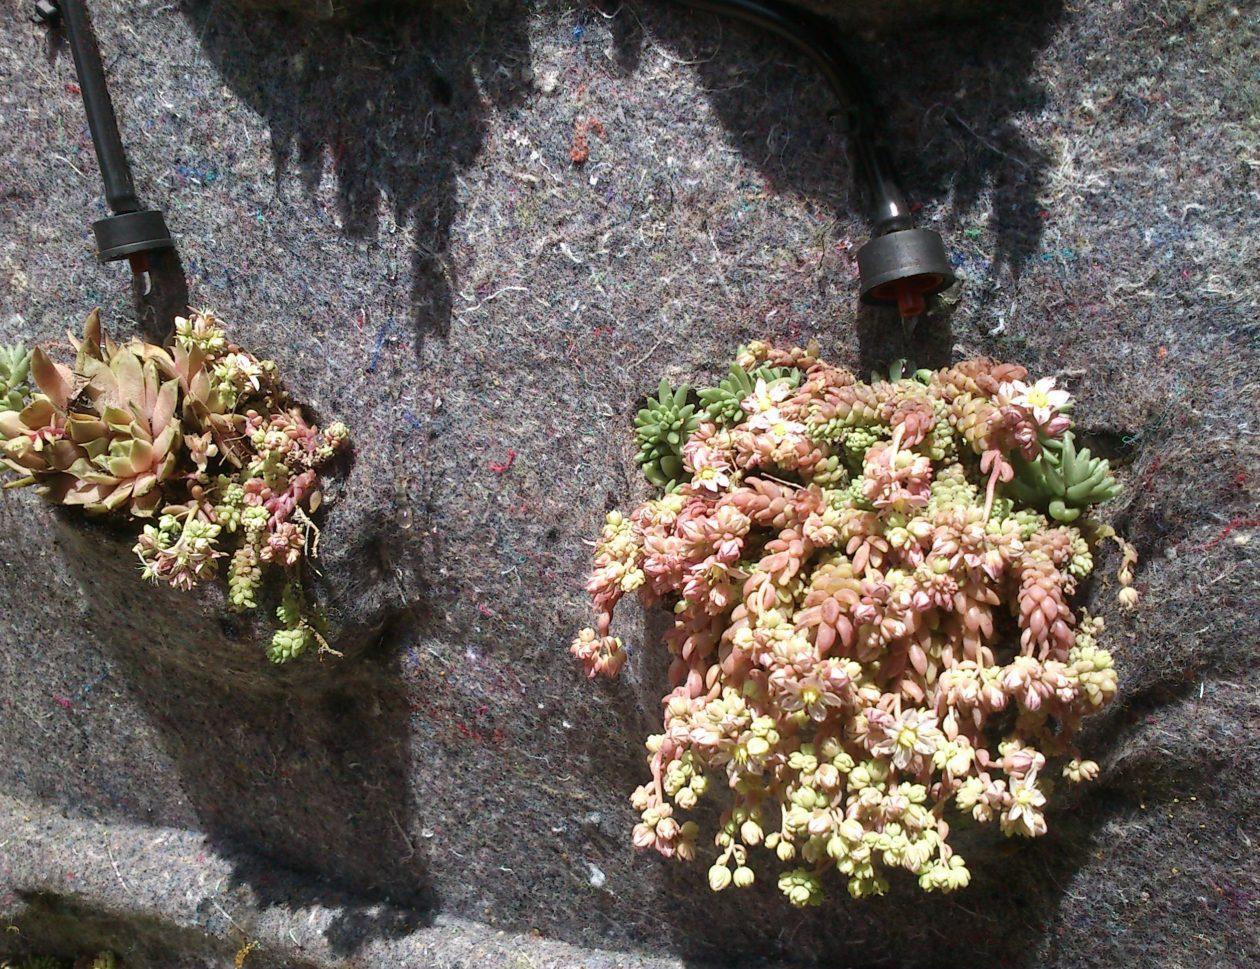 jardin vertical con crasas